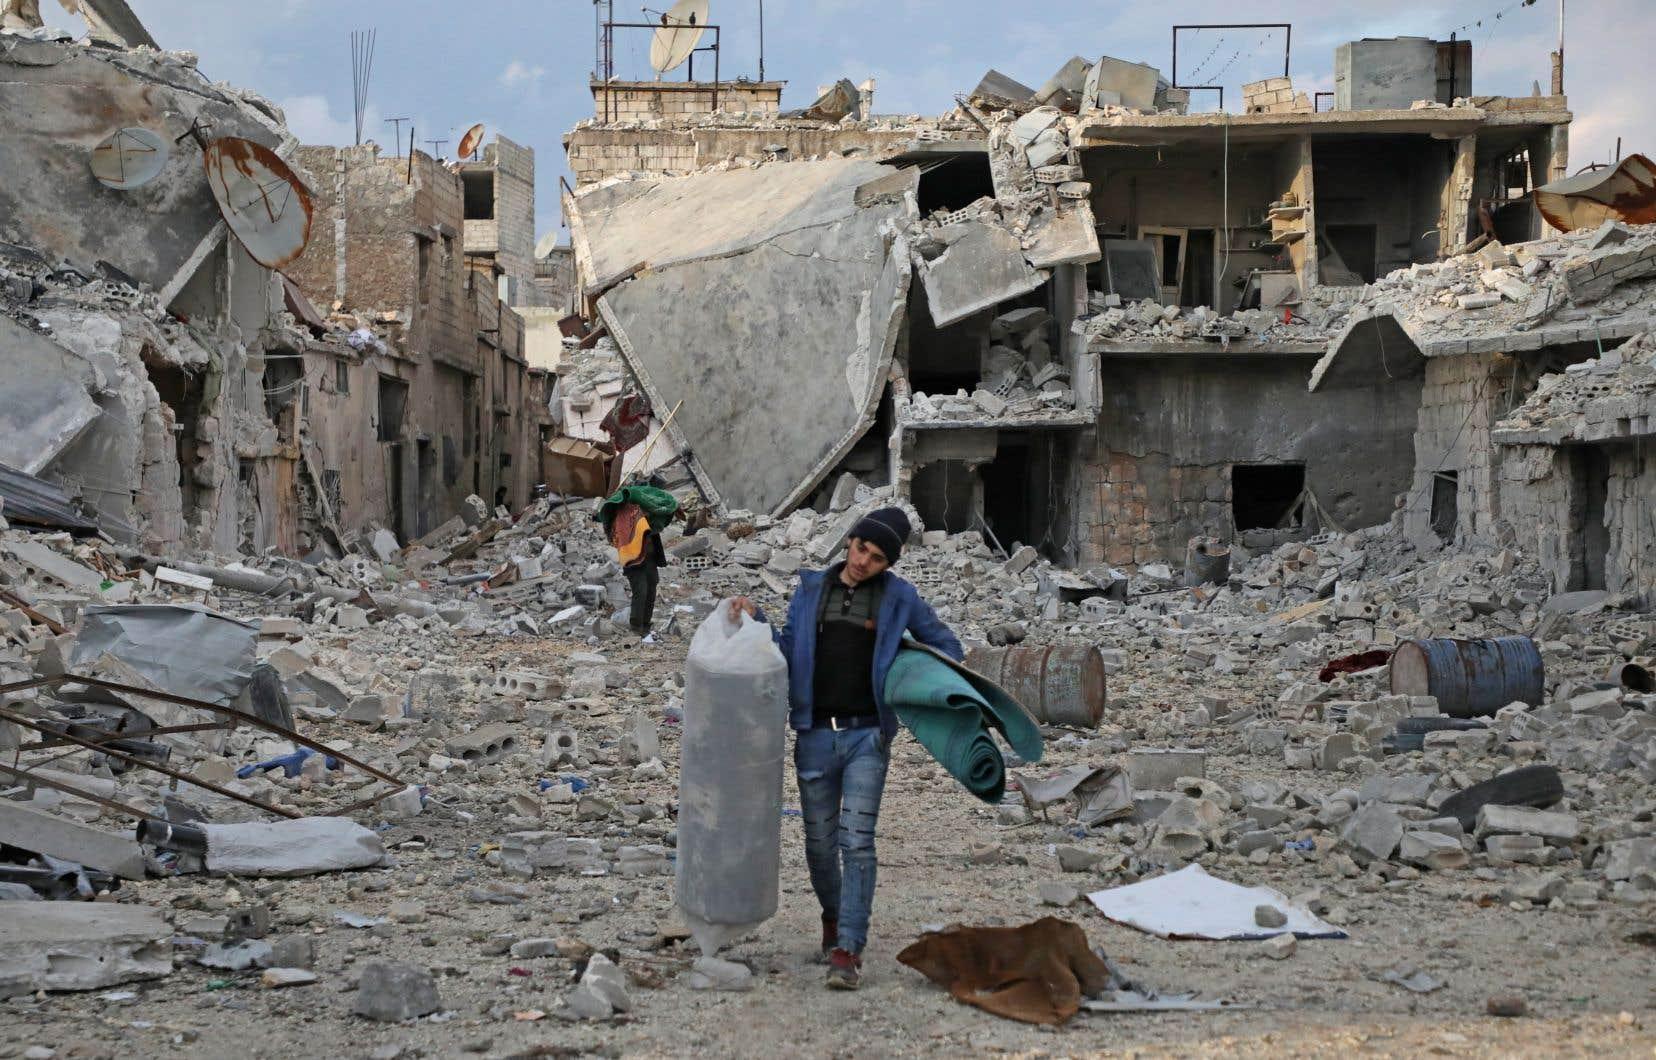 Des civils récupèrent ce qu'ils peuvent avant de fuir leur village, dans la province syrienne d'Alep.